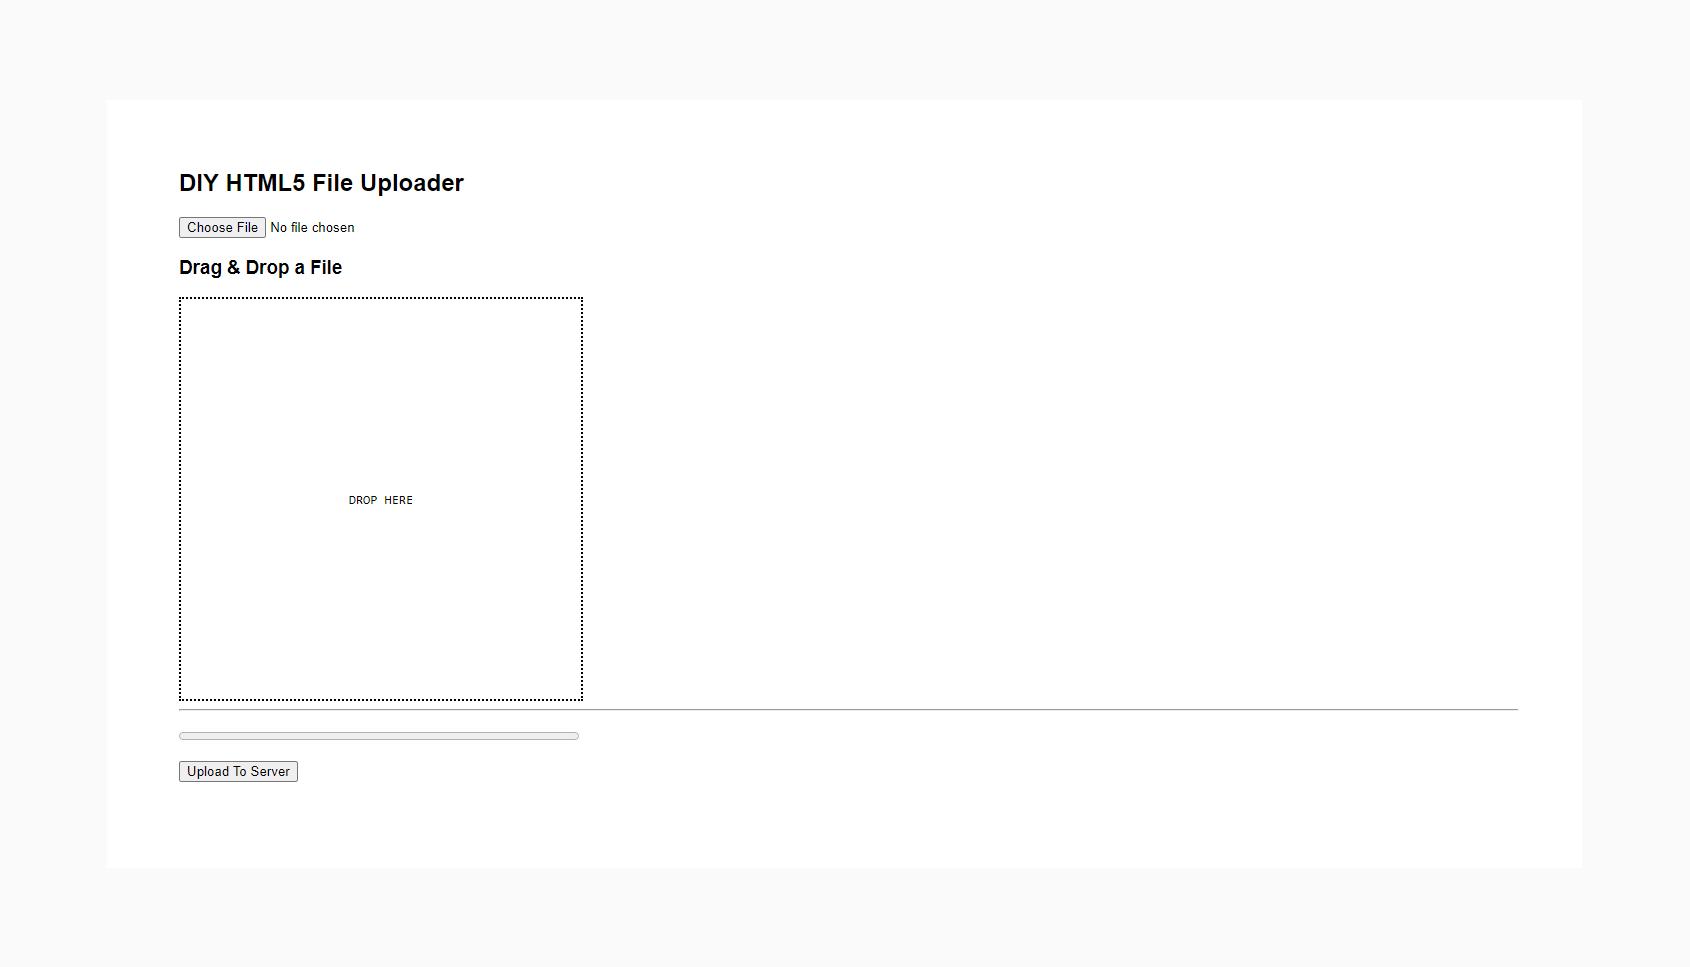 HTML5 File Uploader